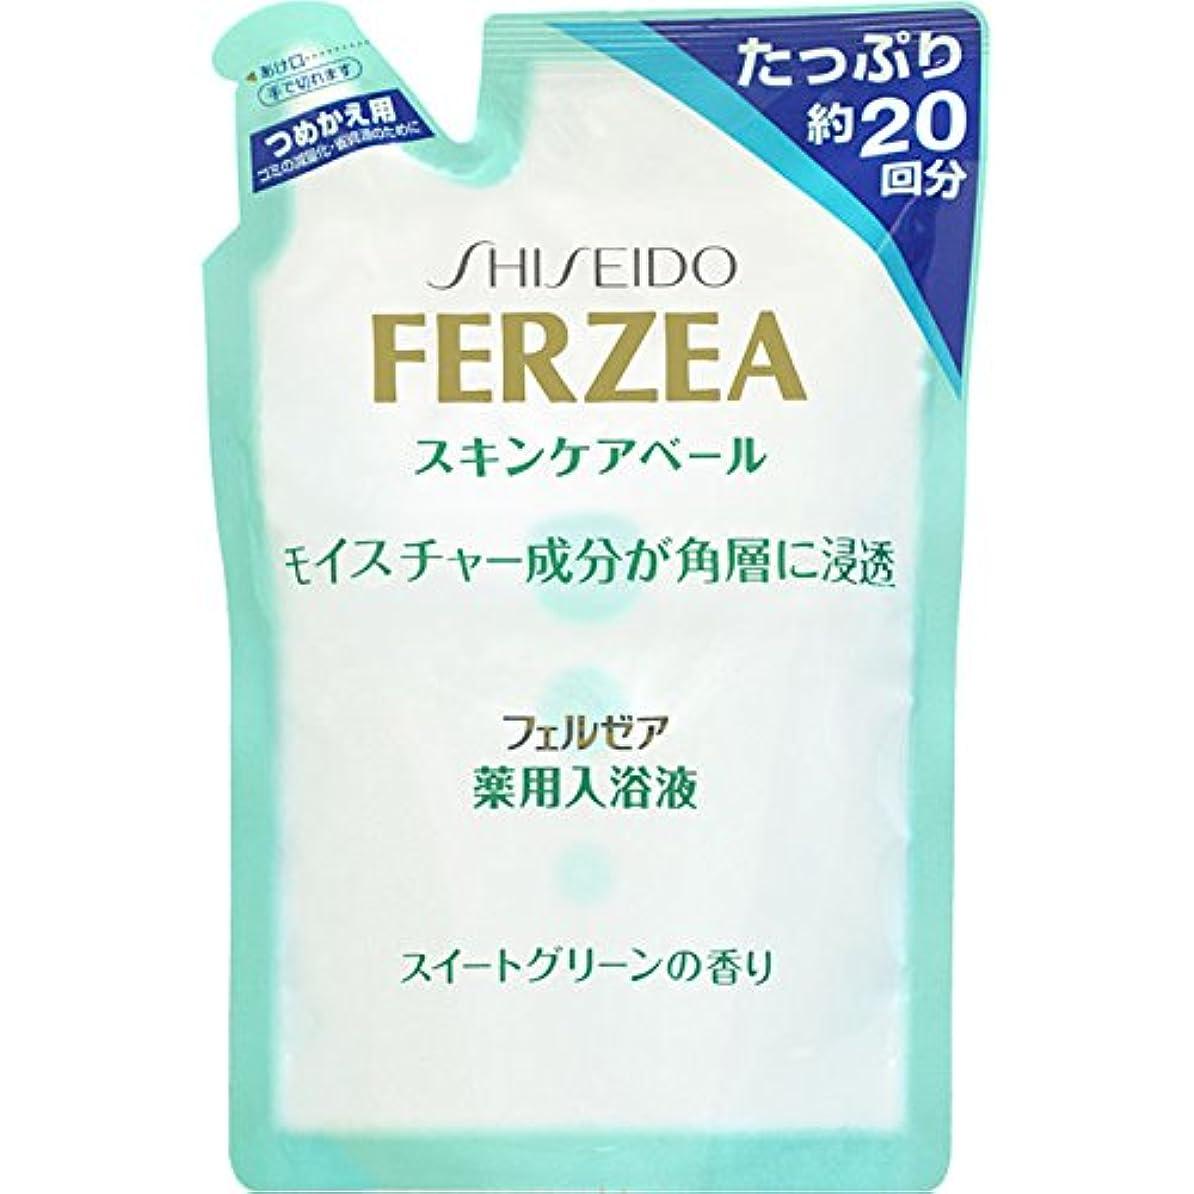 眉城早熟フェルゼア薬用スキンケア入浴液G詰替 500ml